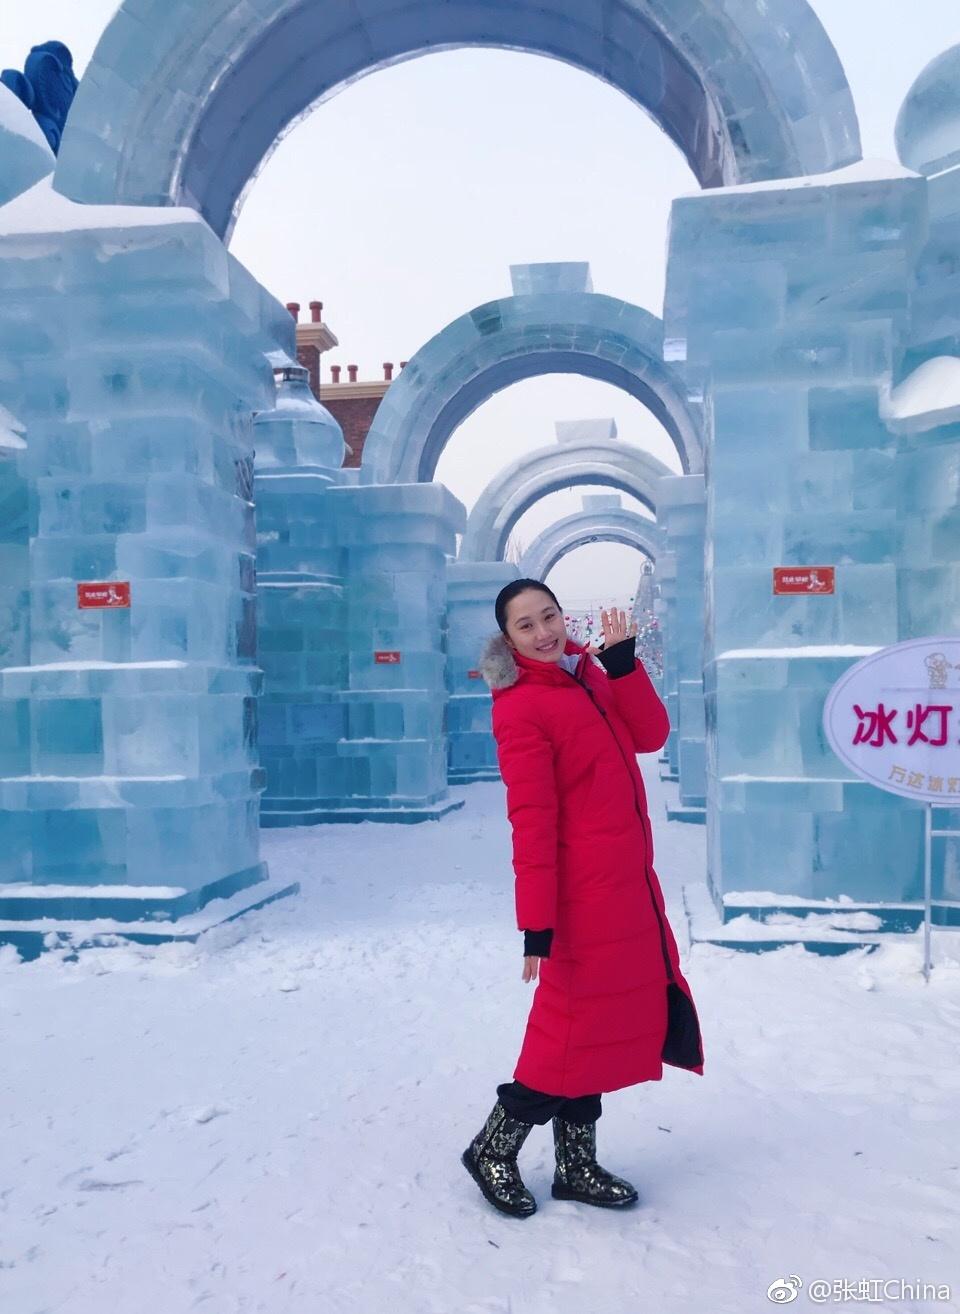 张虹变身冰雪精灵 游童话世界展甜美笑容